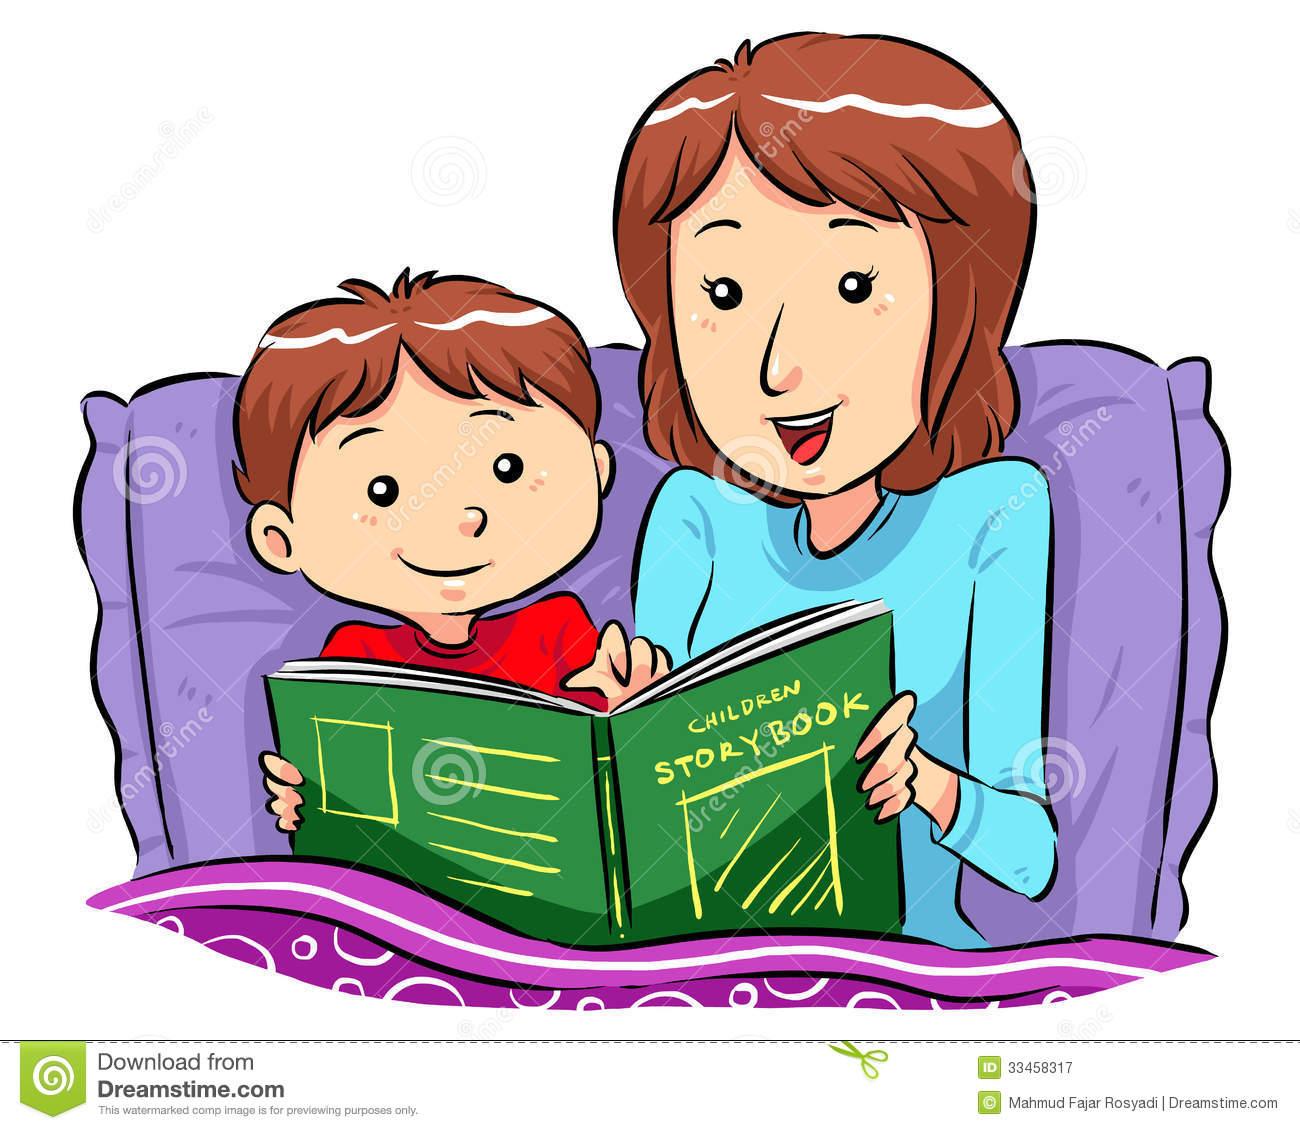 Bedtime story time . Bedroom clipart children's